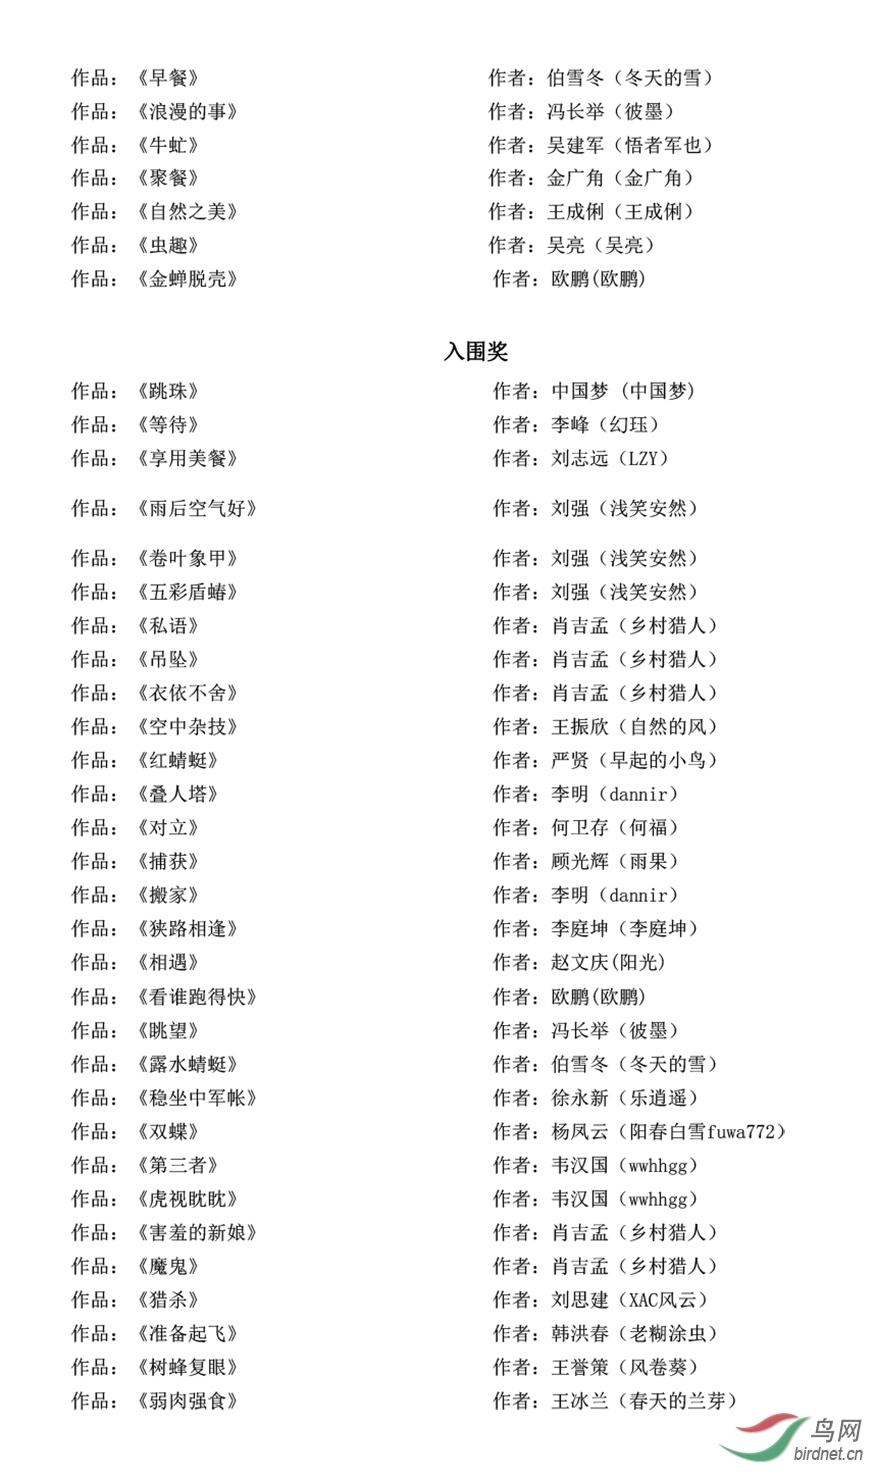 """2019中国·广西""""生态龙州 秘境弄岗""""微距昆虫类国际摄影大赛-2 拷贝.jpg"""